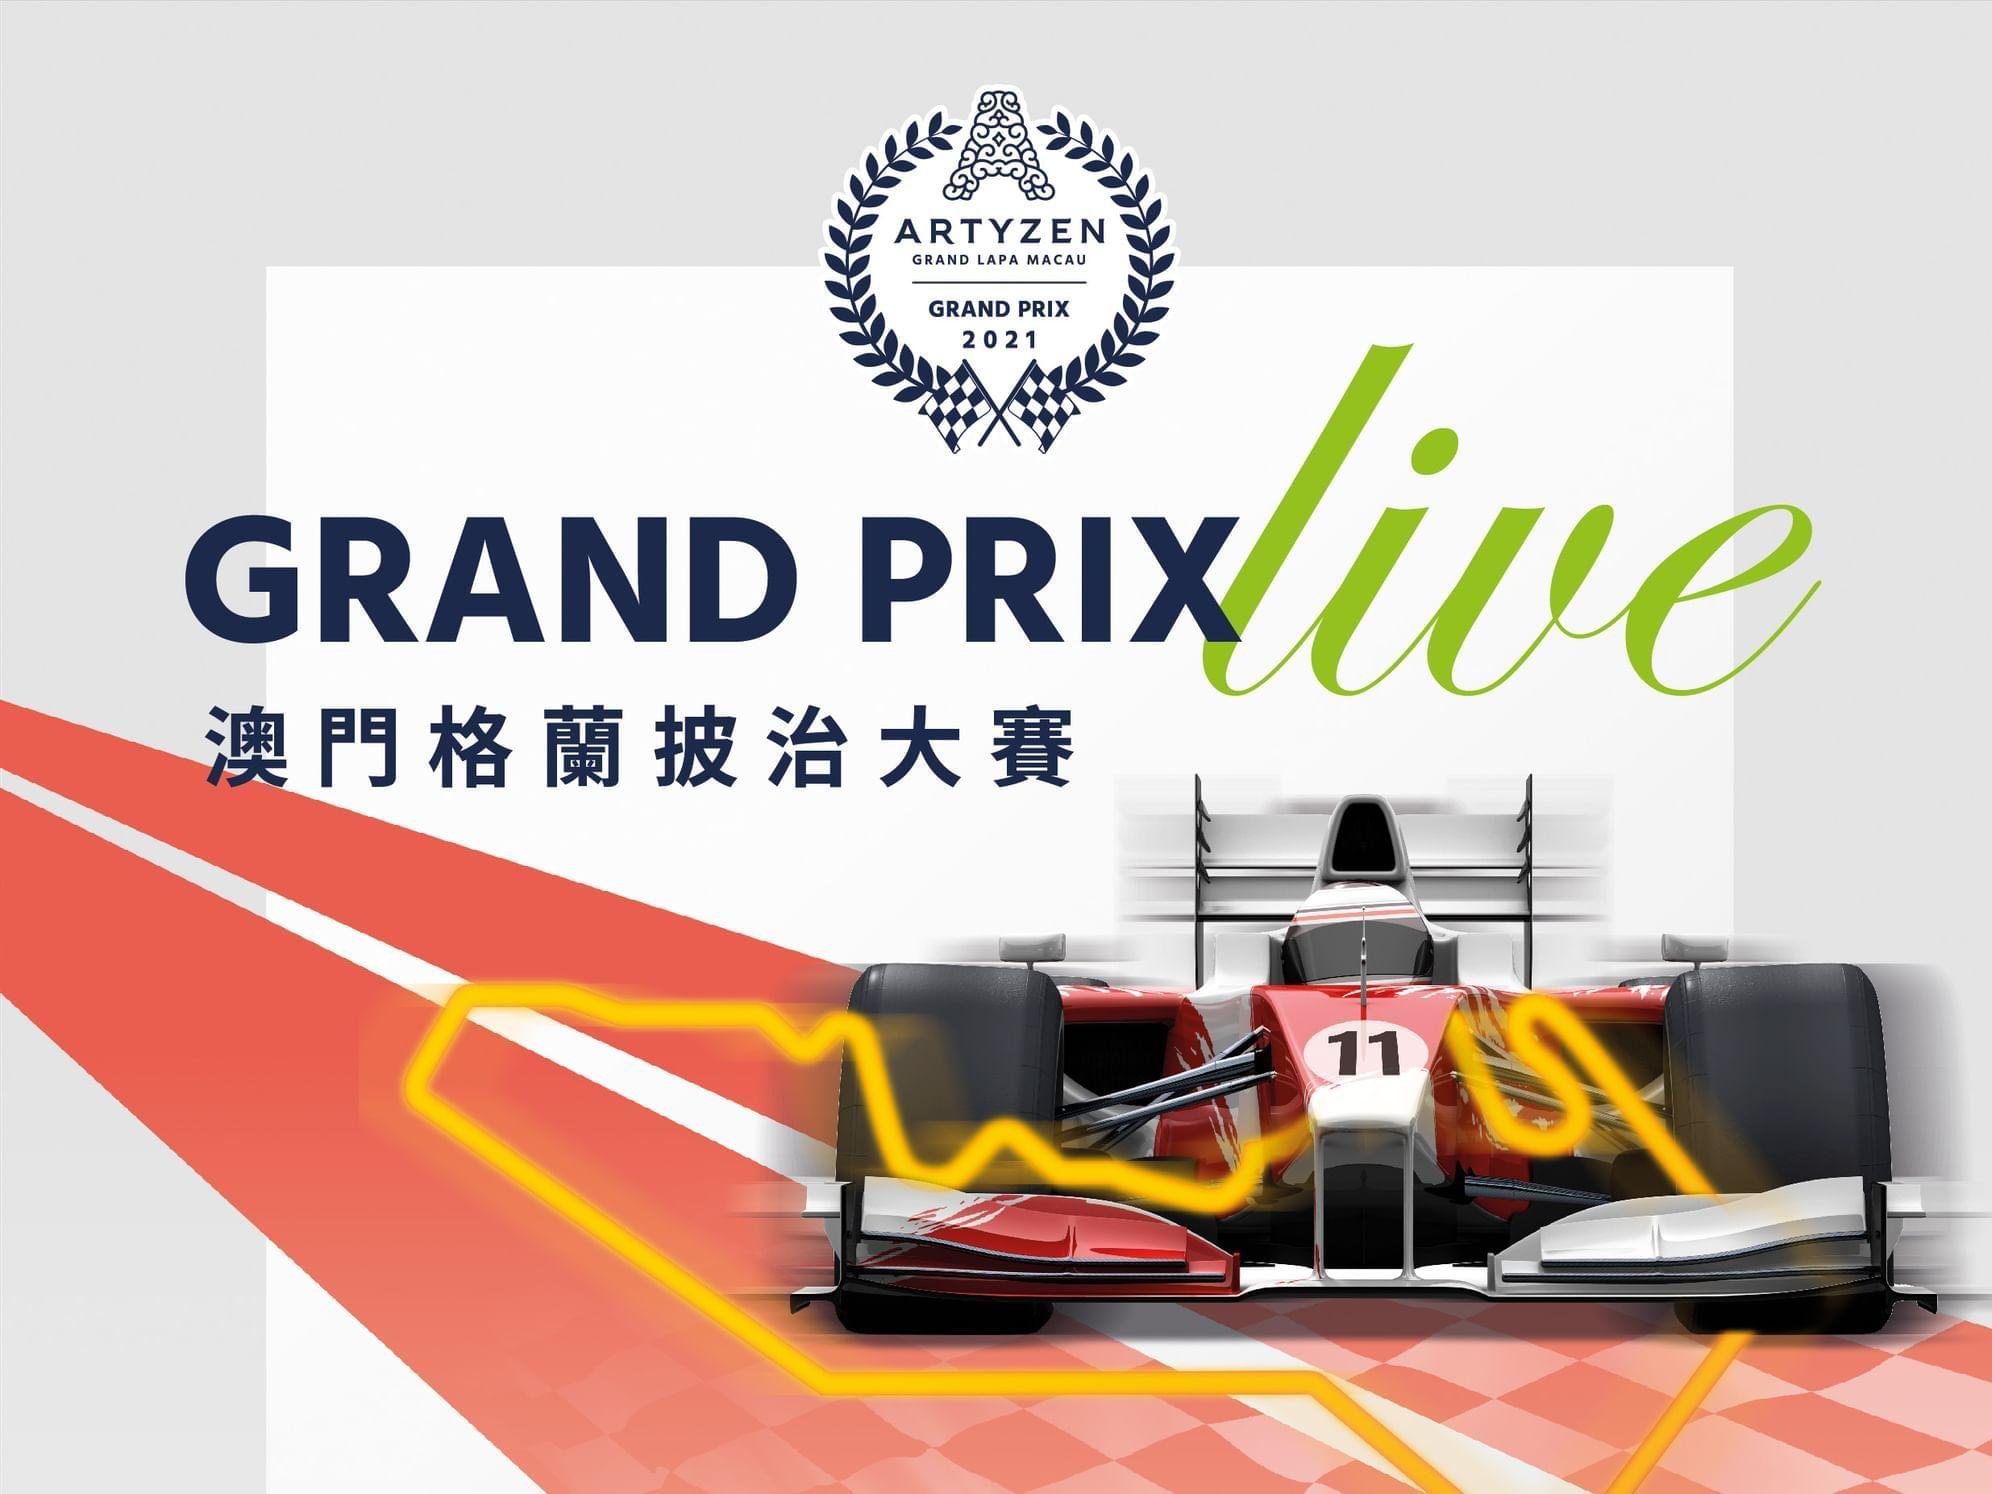 Post of Grand Prix Live in Artyzen Grand Lapa Hotel